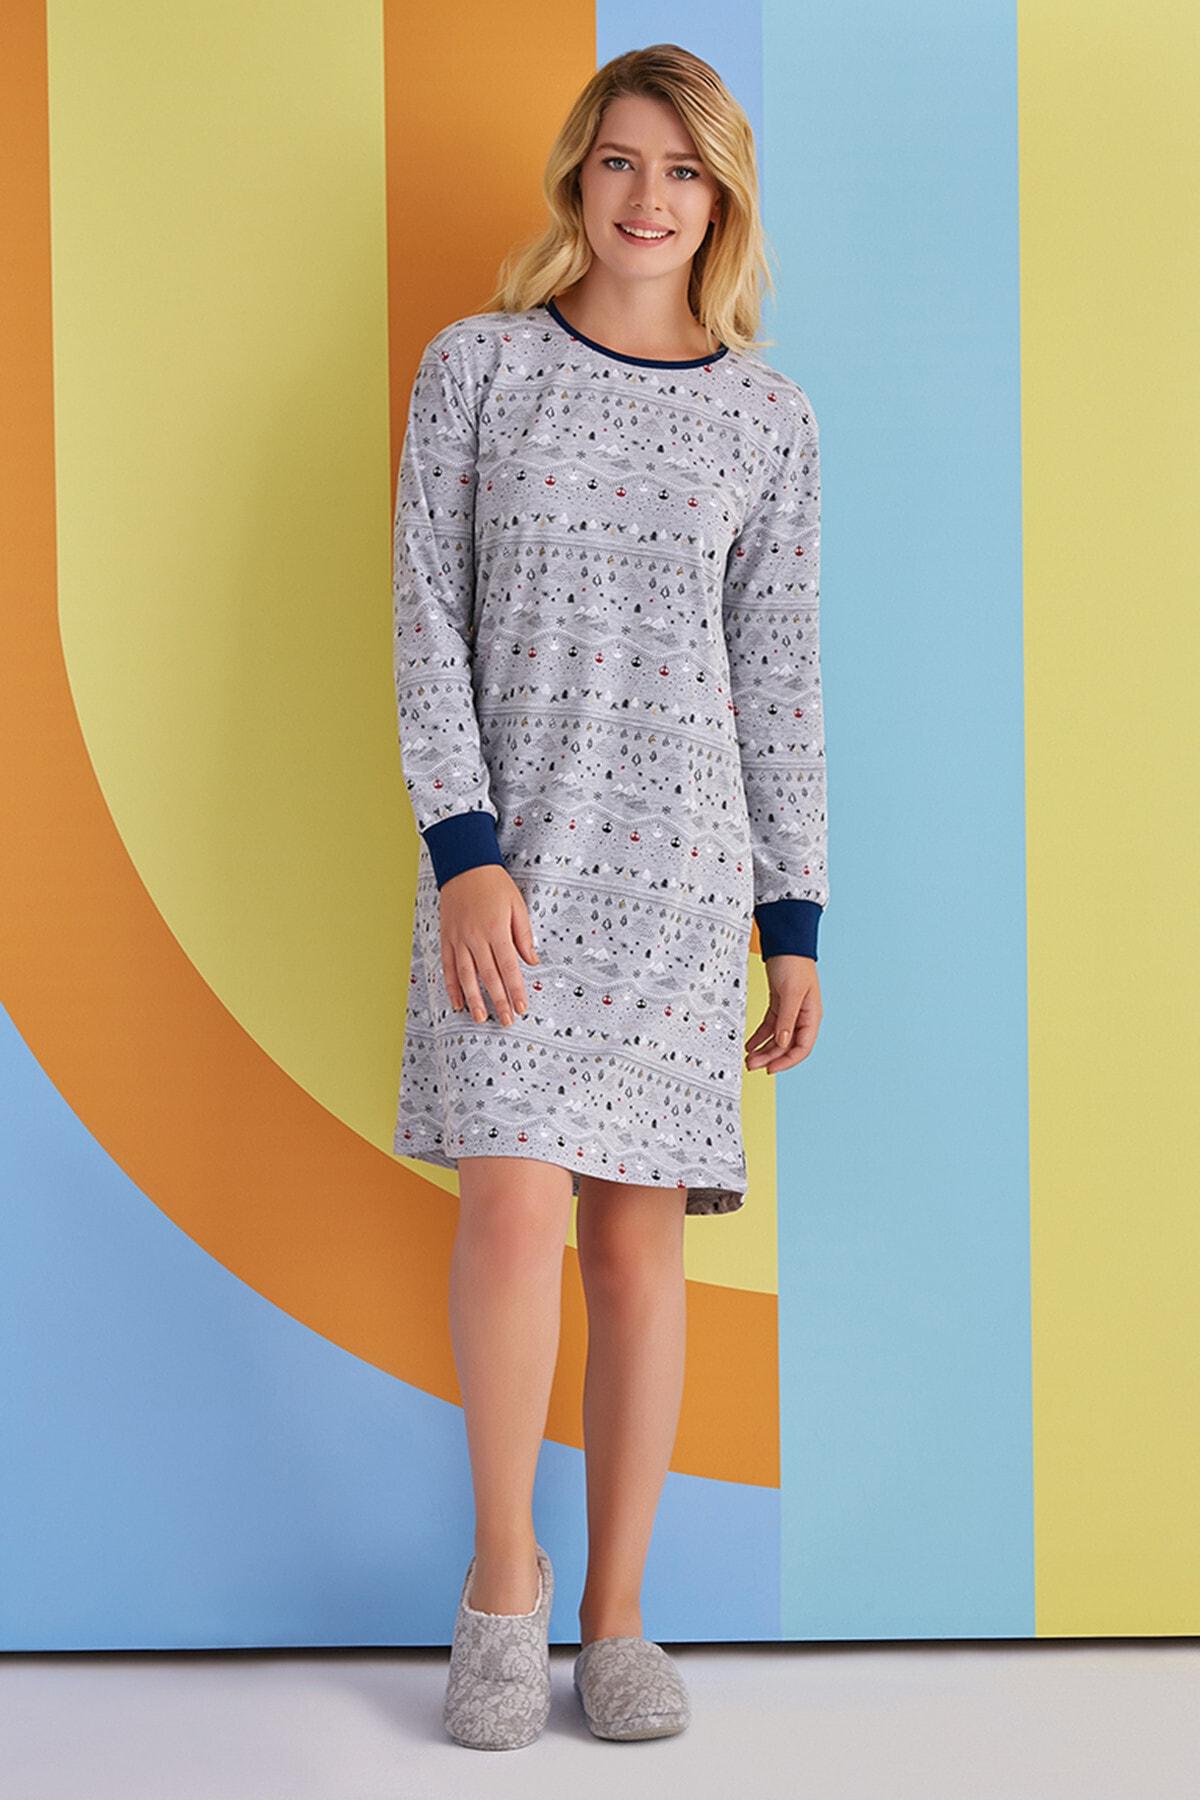 ROLY POLY Kadın Gri Renkli Desenli Gecelik Elbise Pijama 1361 1